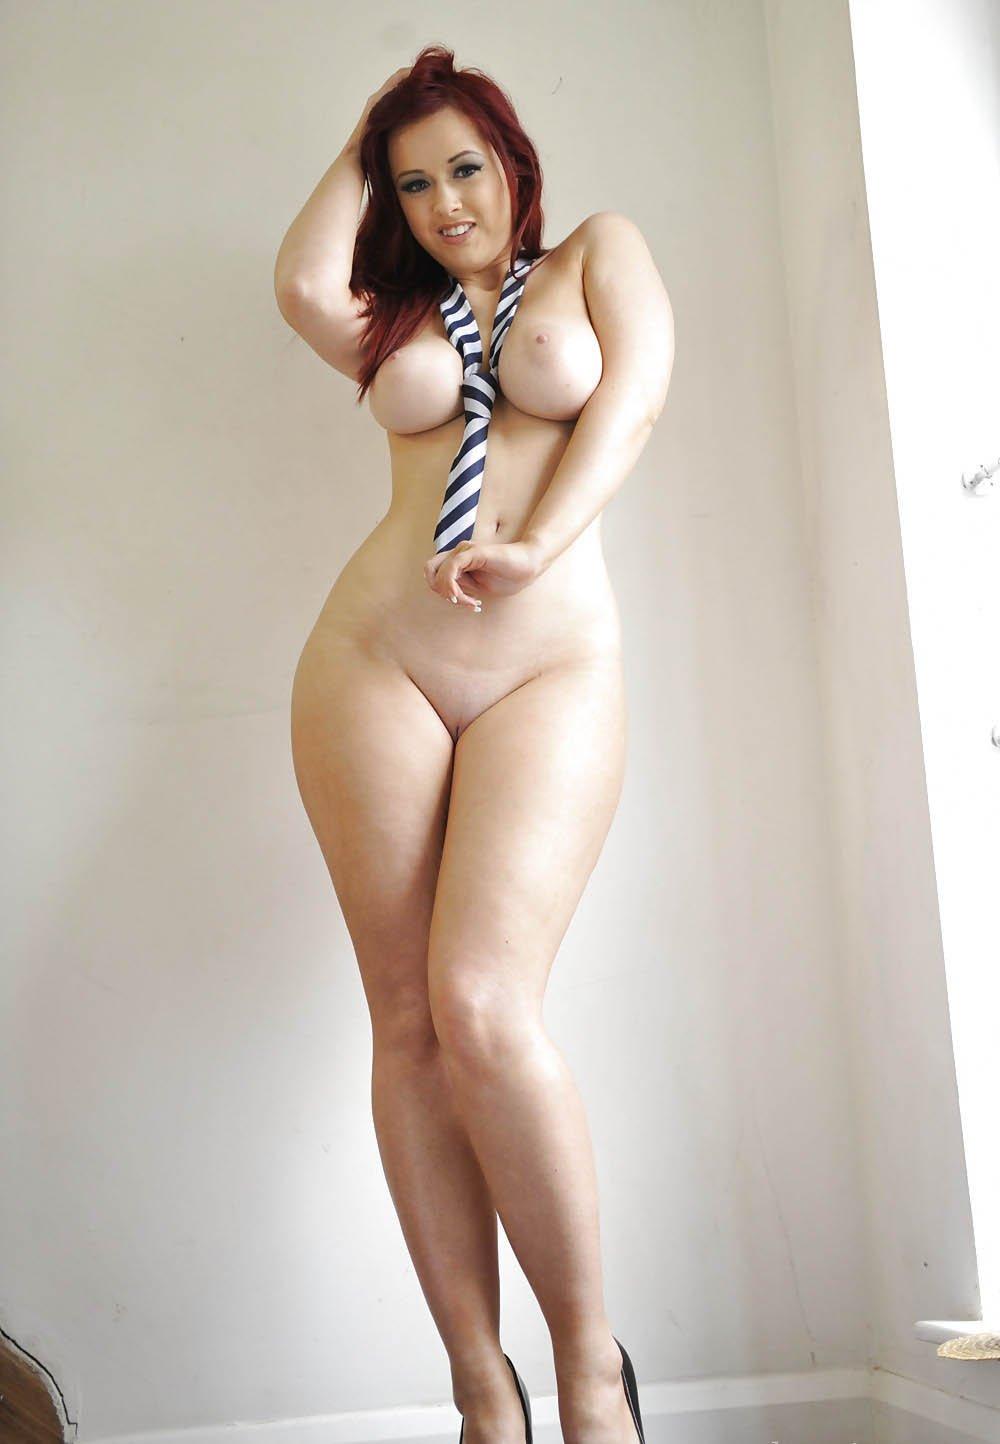 Сисястые телки и секс 22 фотография